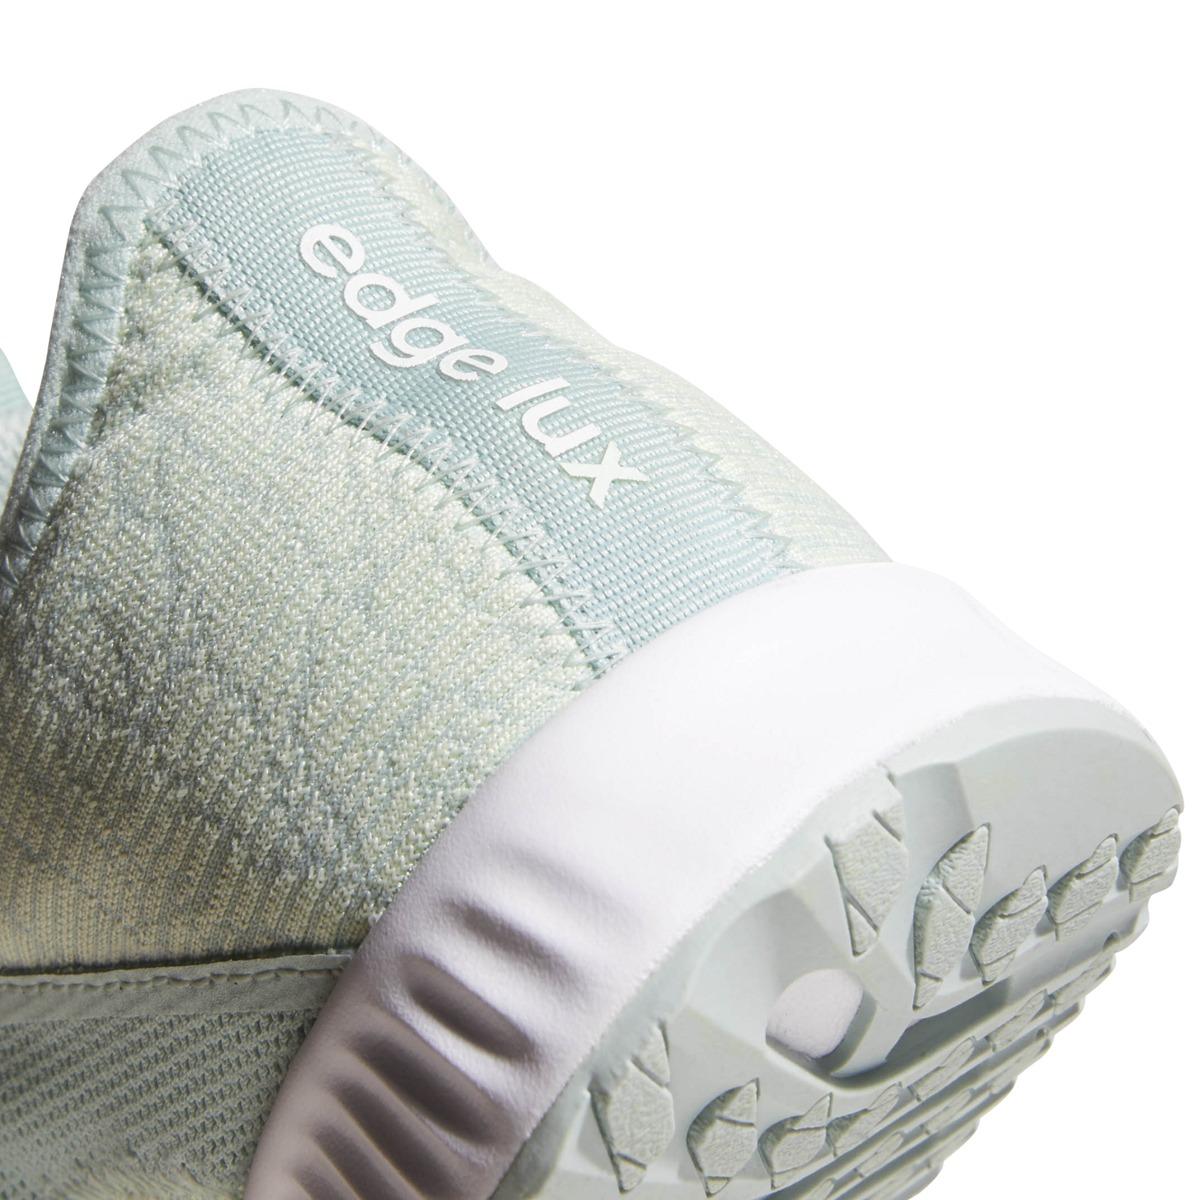 sale retailer dc8c3 8c78b Cargando zoom... zapatillas adidas running edge lux 2 w mujer ...